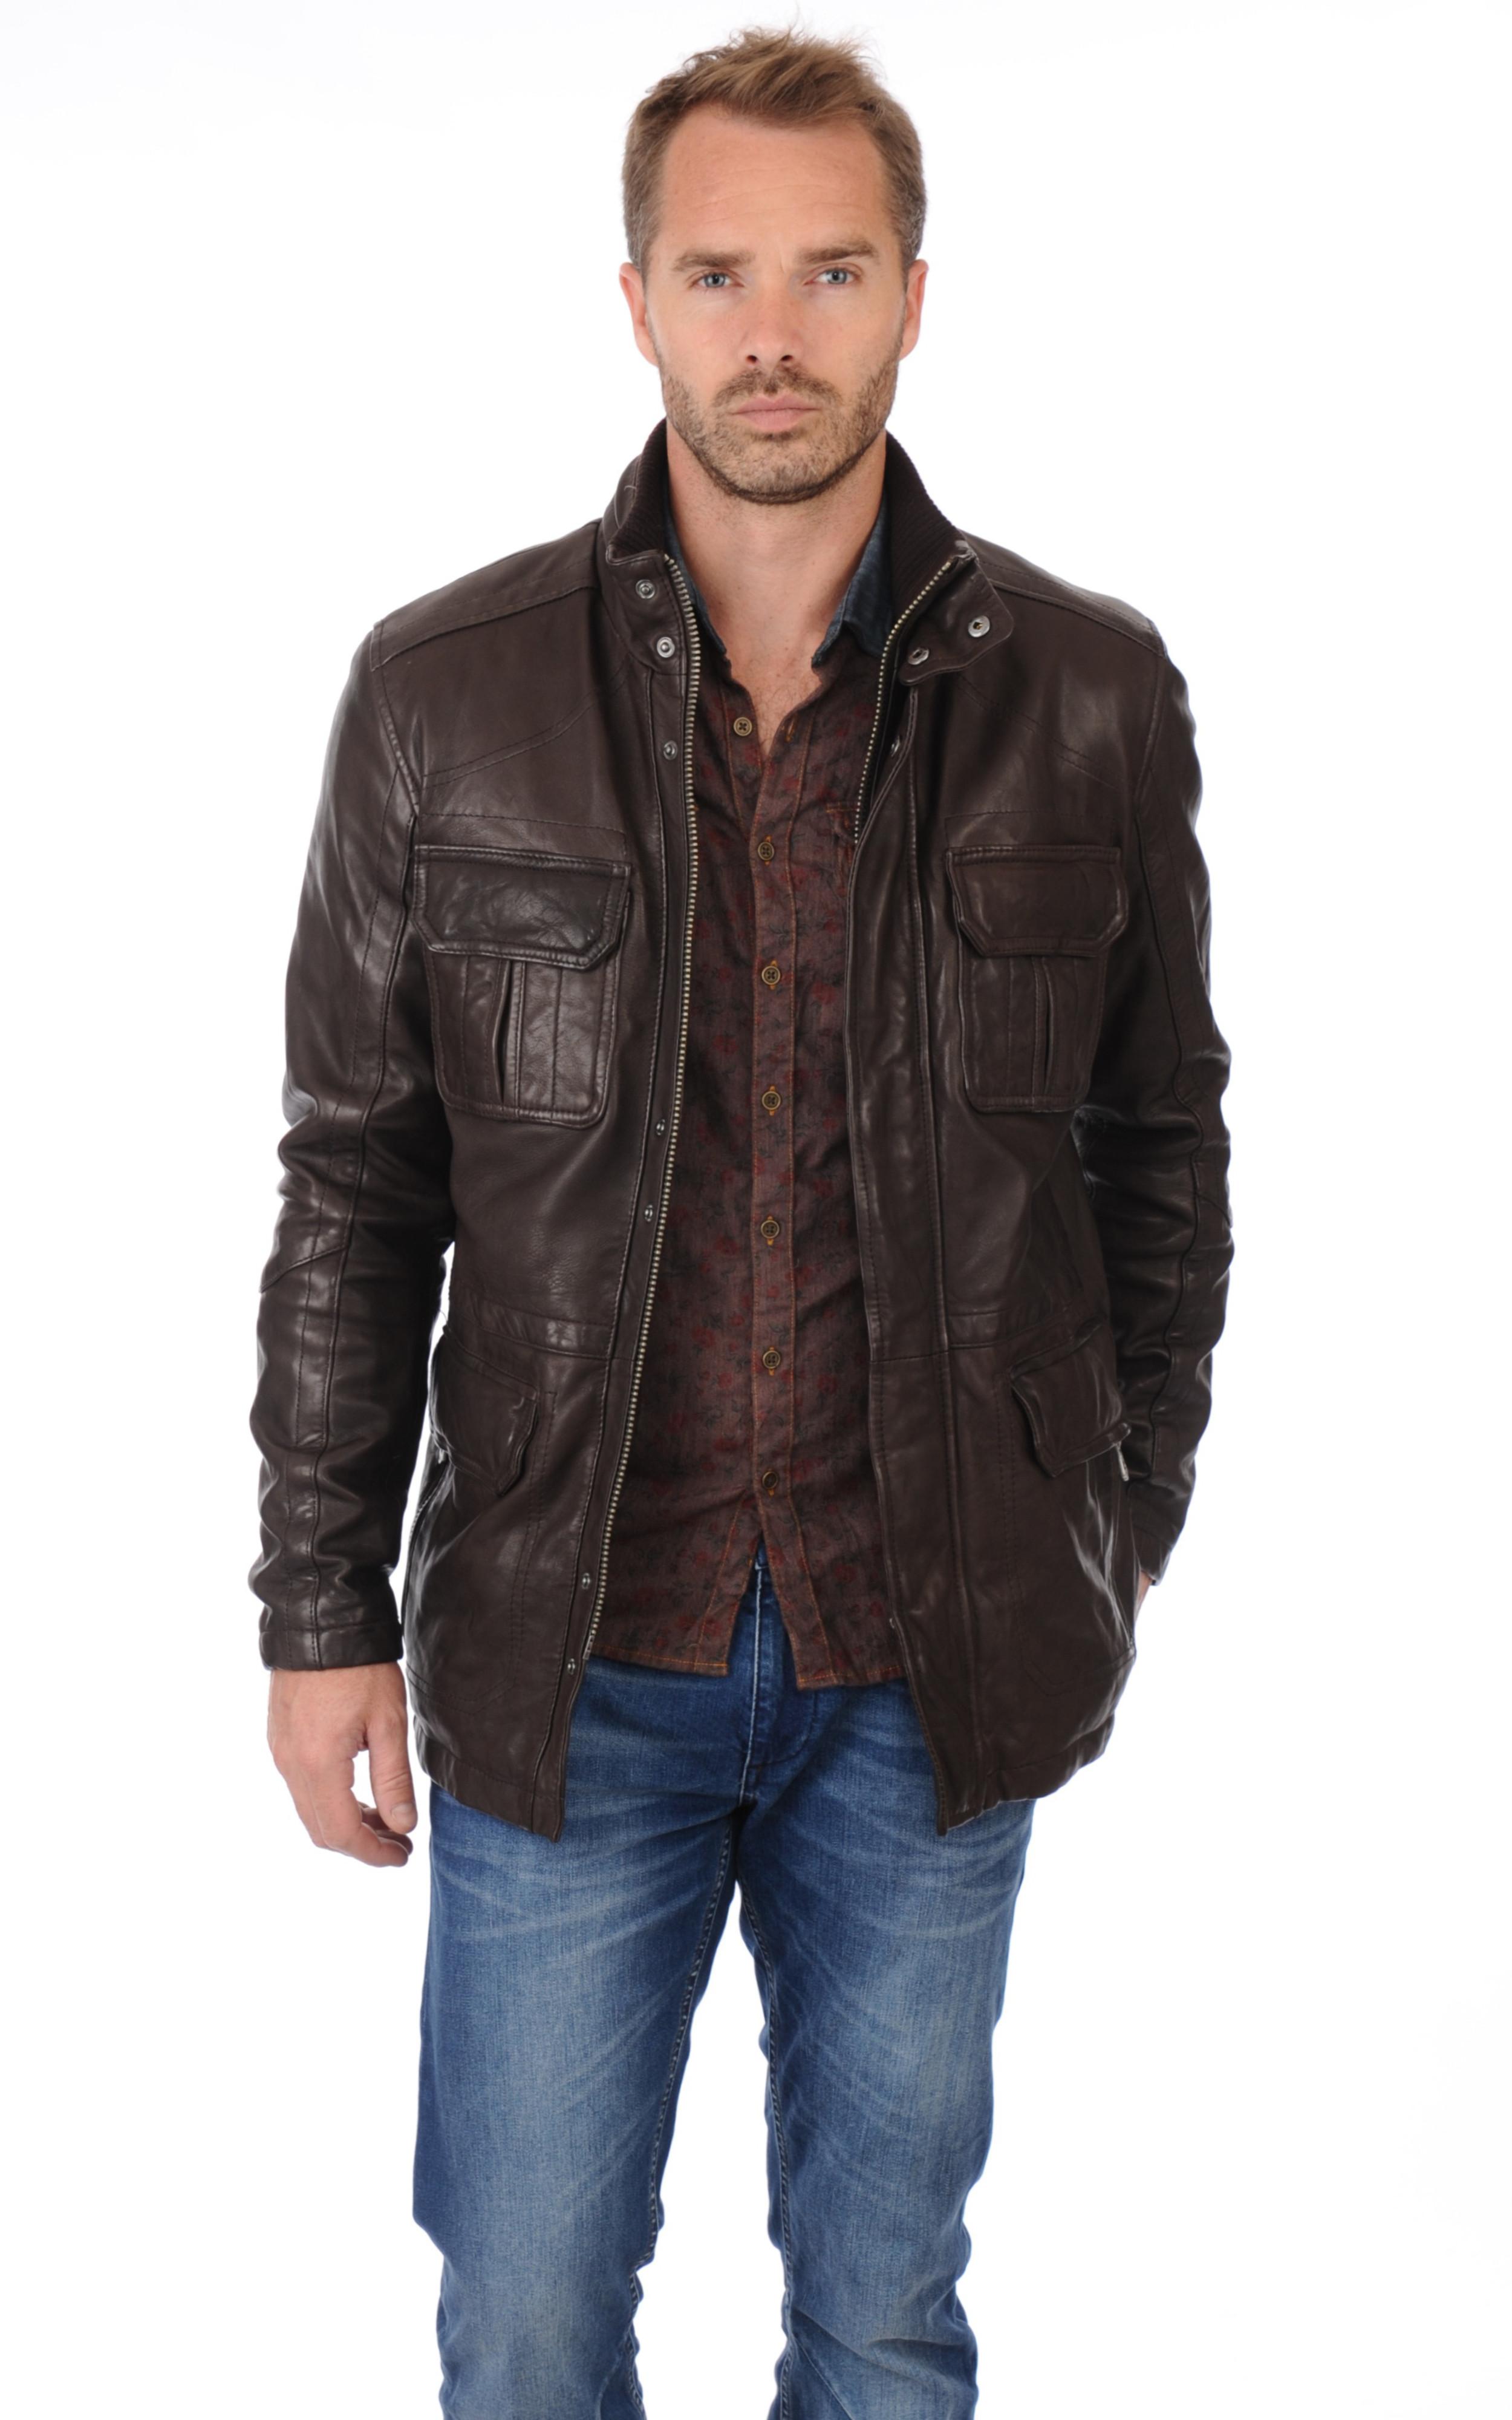 veste cuir marron ricardo daytona la canadienne veste 3 4 cuir marron. Black Bedroom Furniture Sets. Home Design Ideas